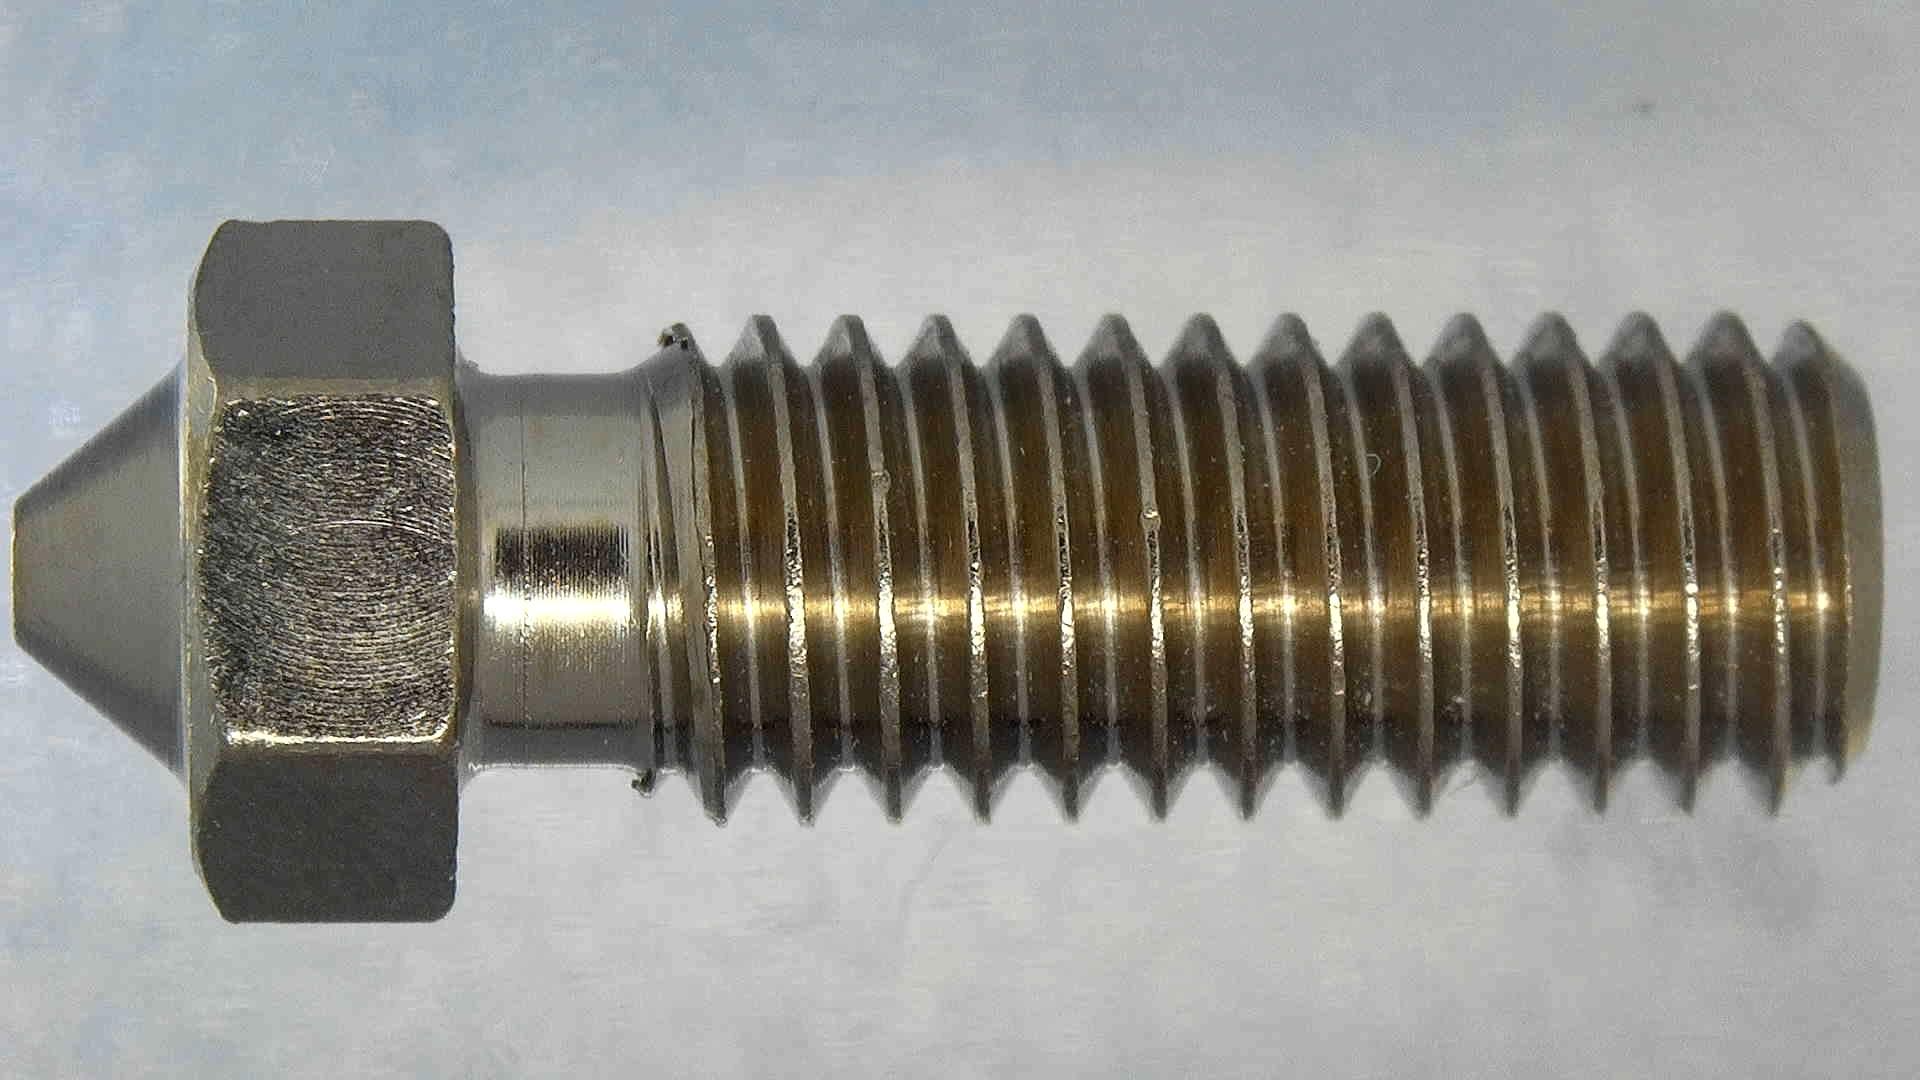 Copper-Plated-Volcano-Nozzle-0.6-1